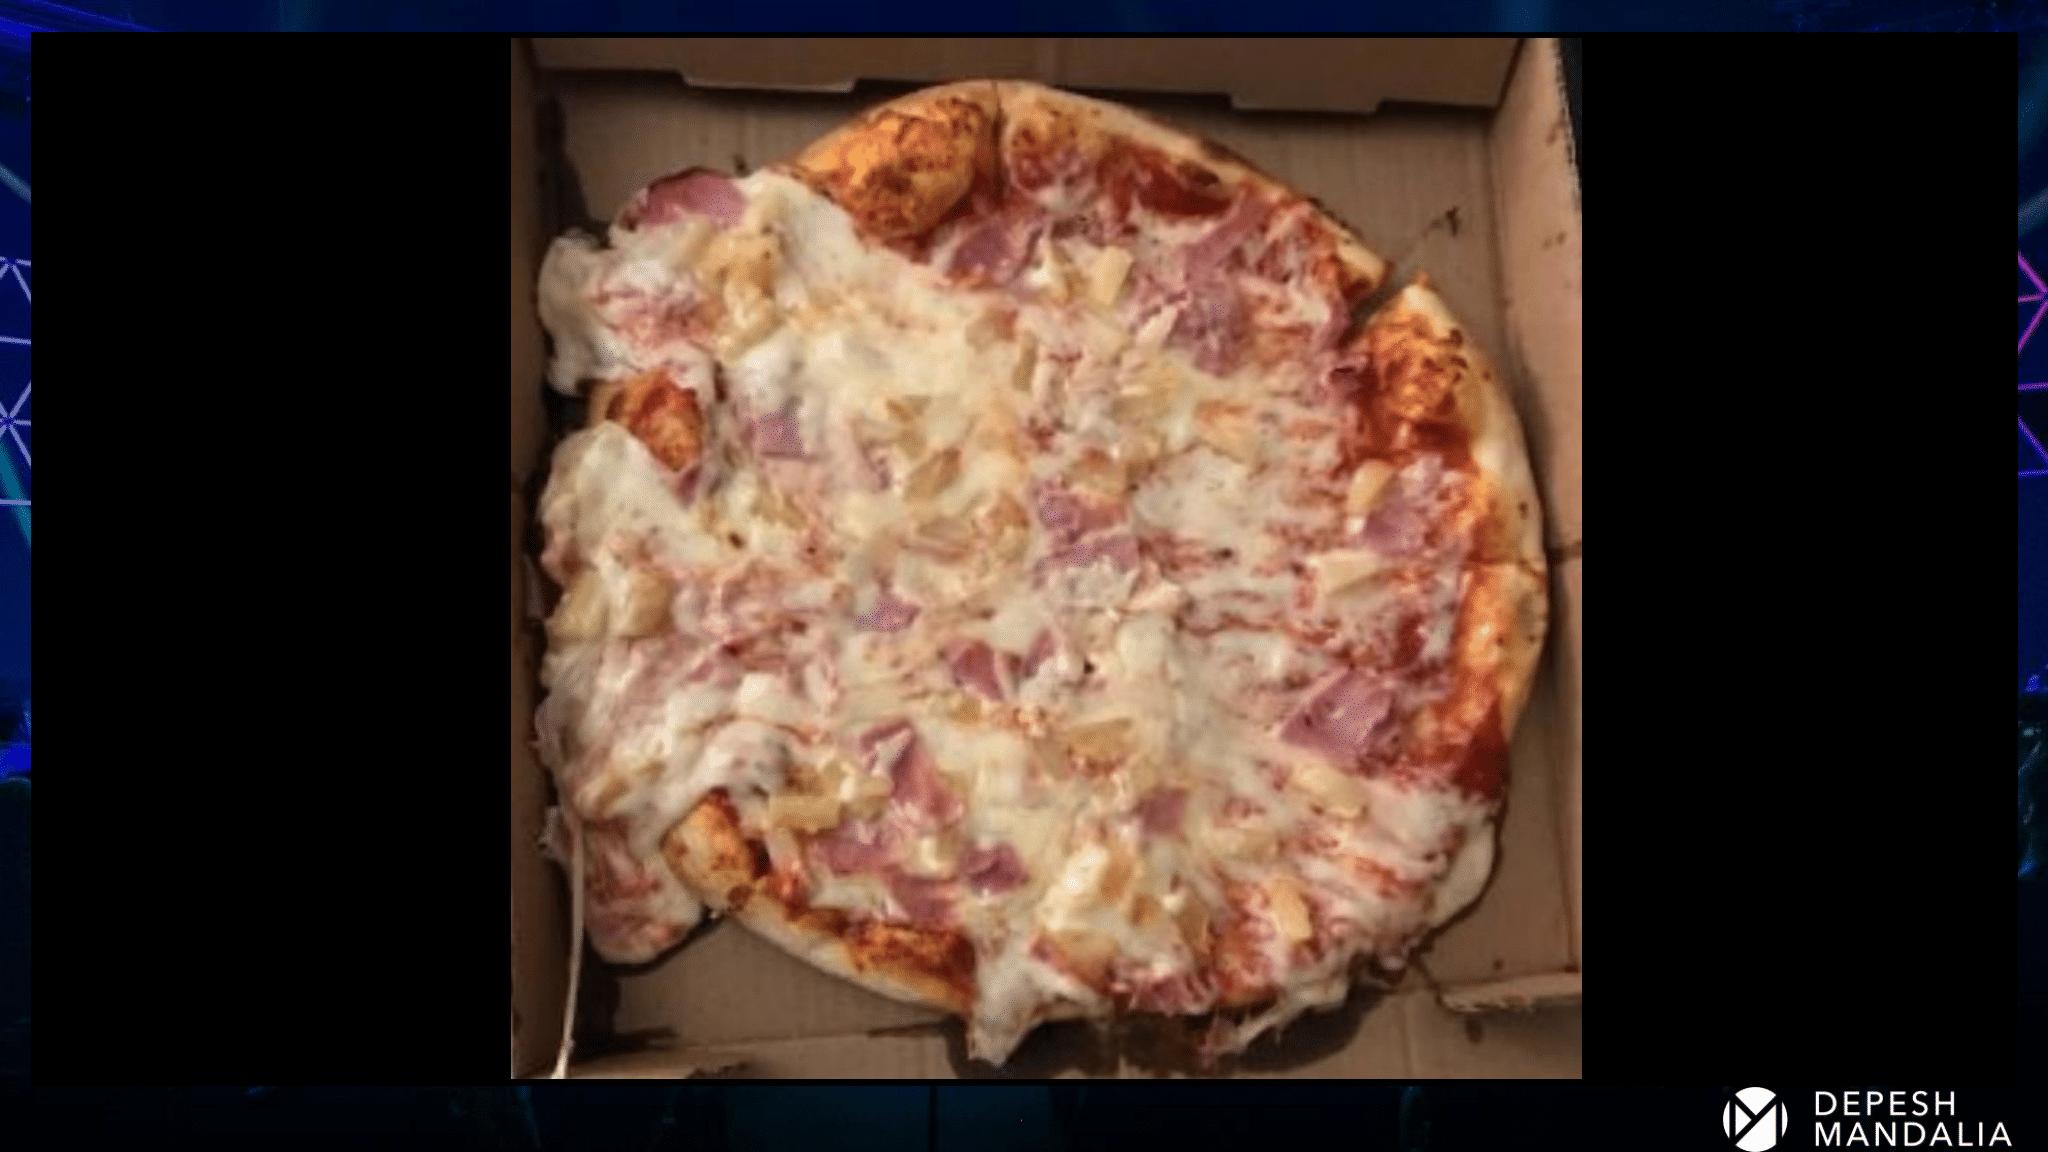 Depesh Mandalia – Pizza